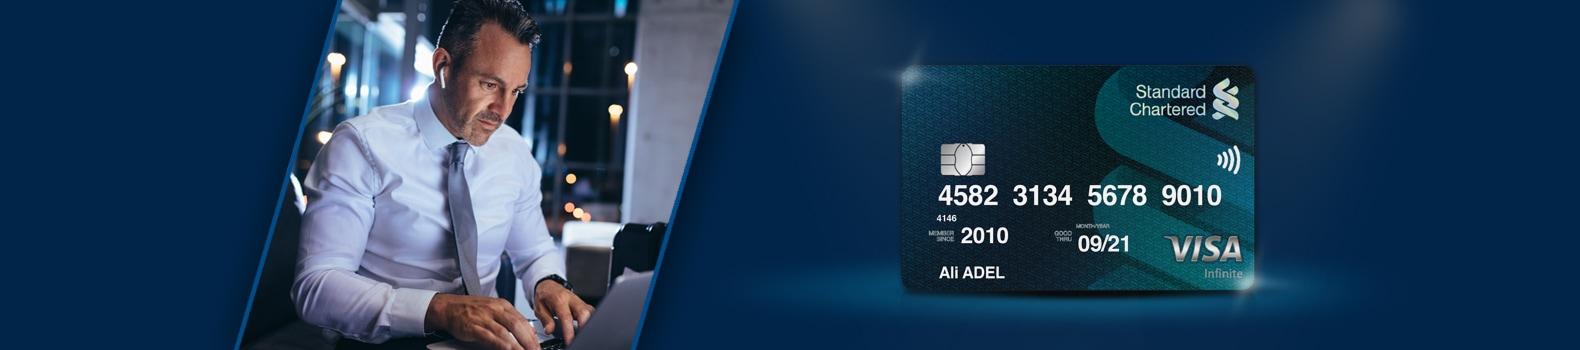 : Visa Infinite Credit Card